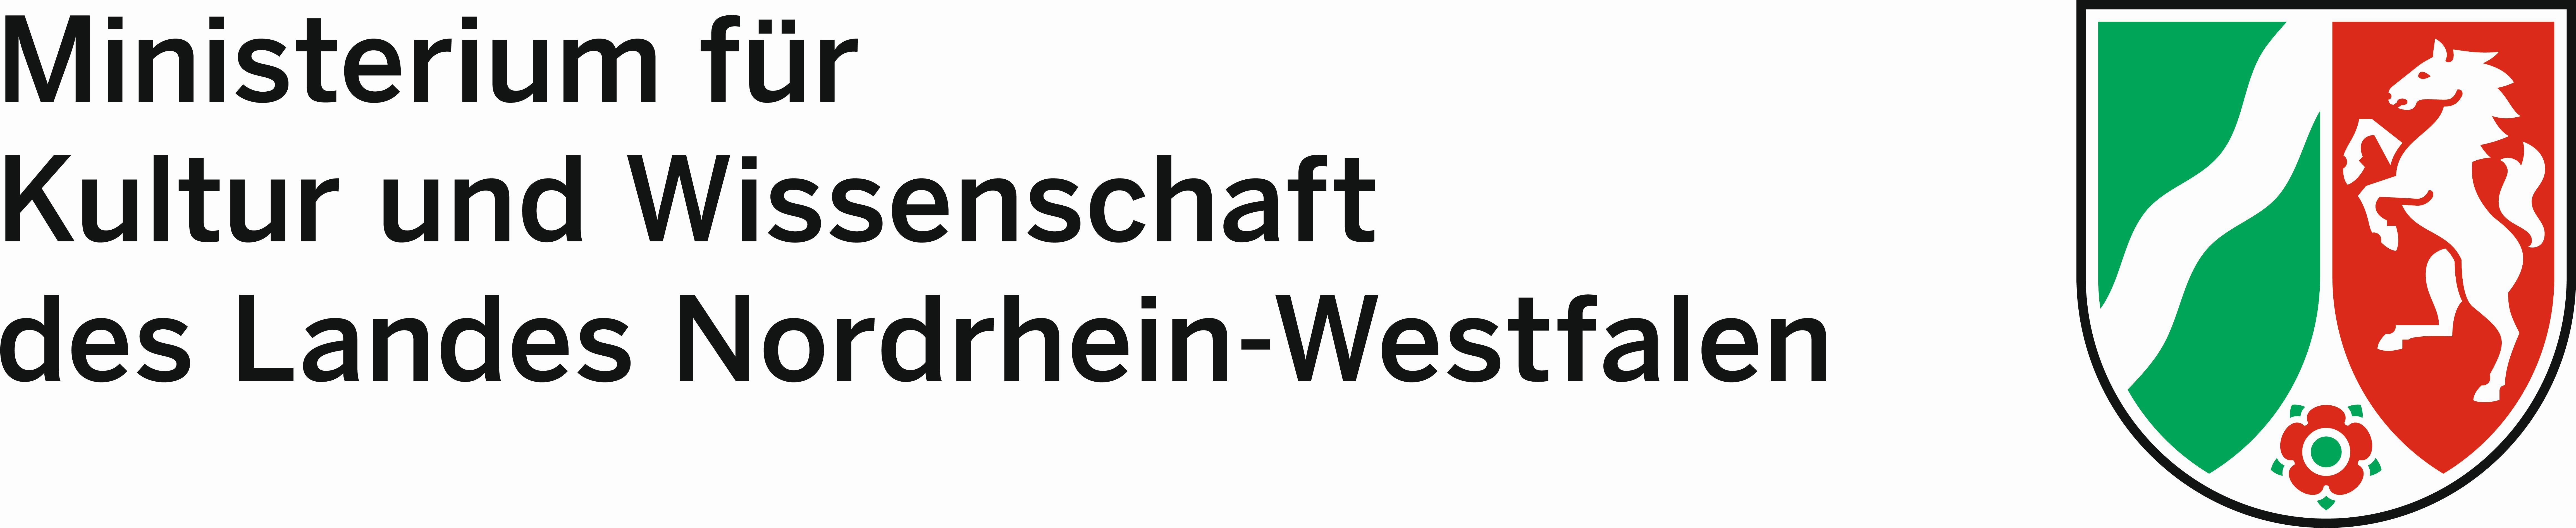 Logo des Ministerium für Kultur und Wissenschaft des Landes Nordrhein-Westfalen